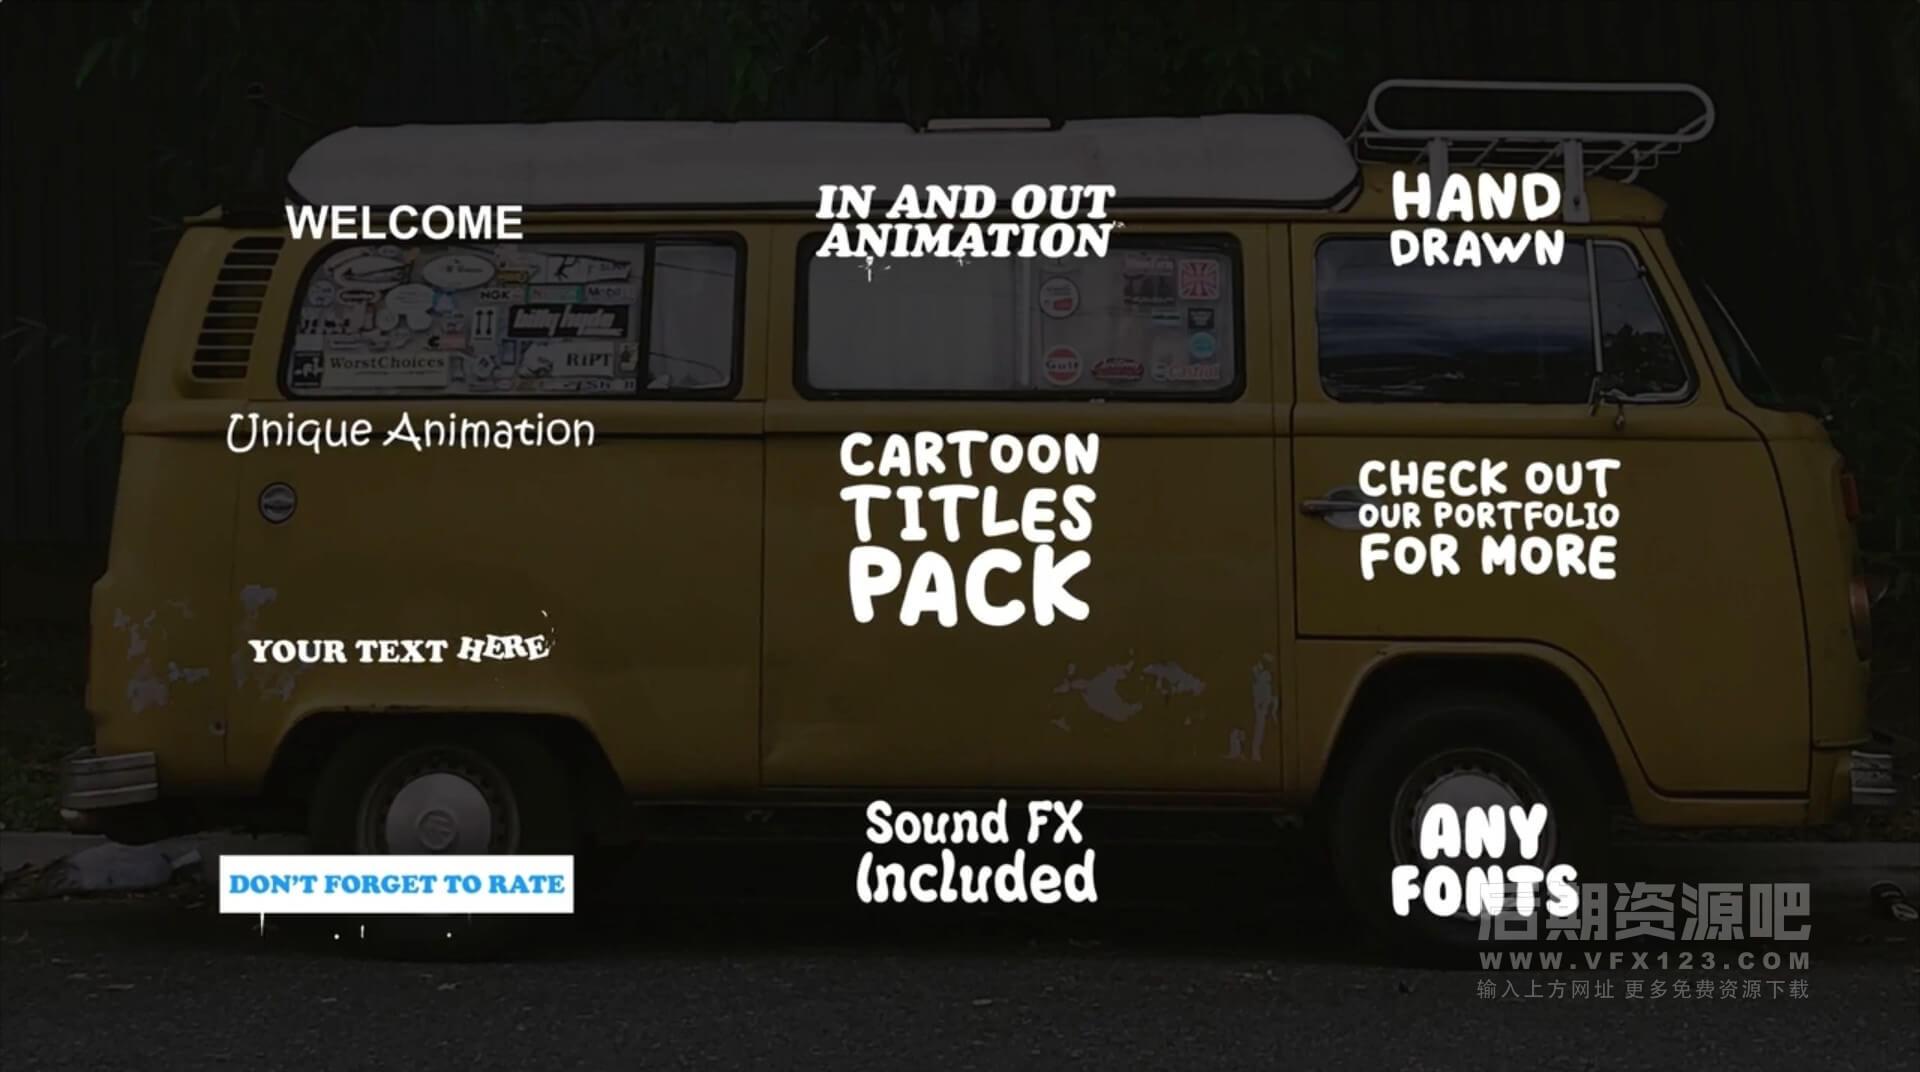 Fcpx卡通标题 手绘有趣漫画标题字幕+转场+音效+字体 Cartoon Titles Pack